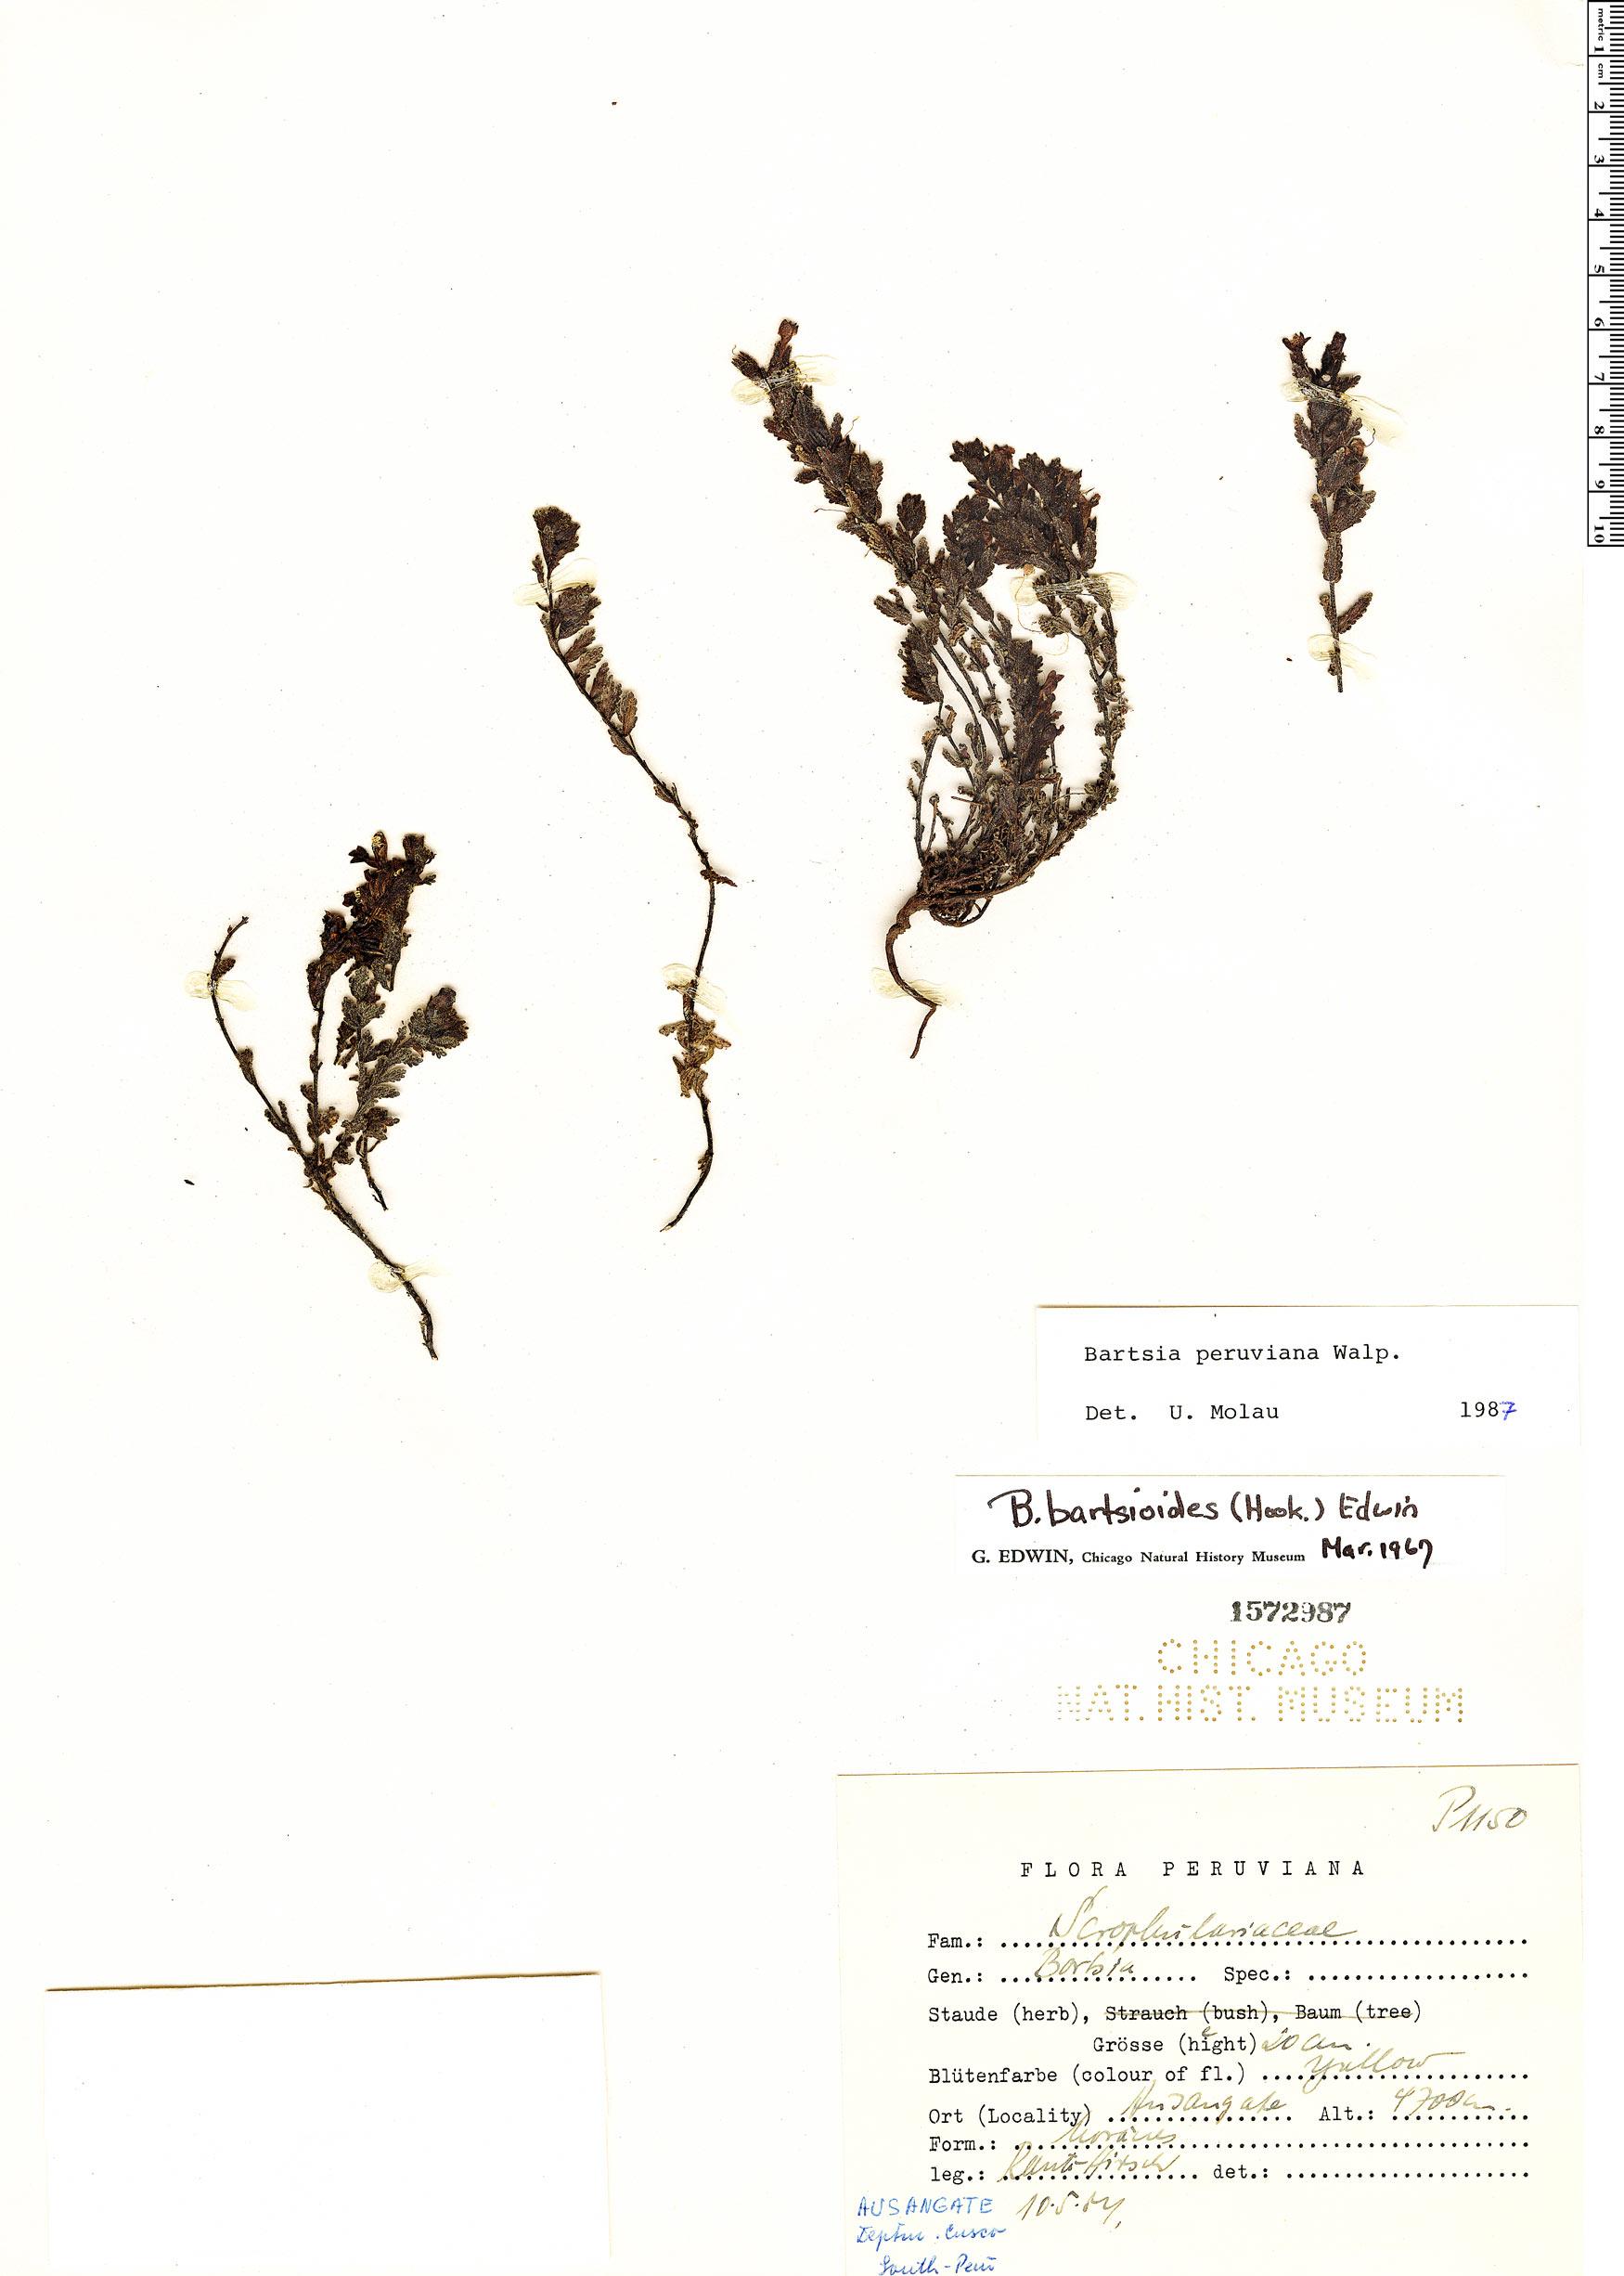 Espécimen: Bartsia peruviana